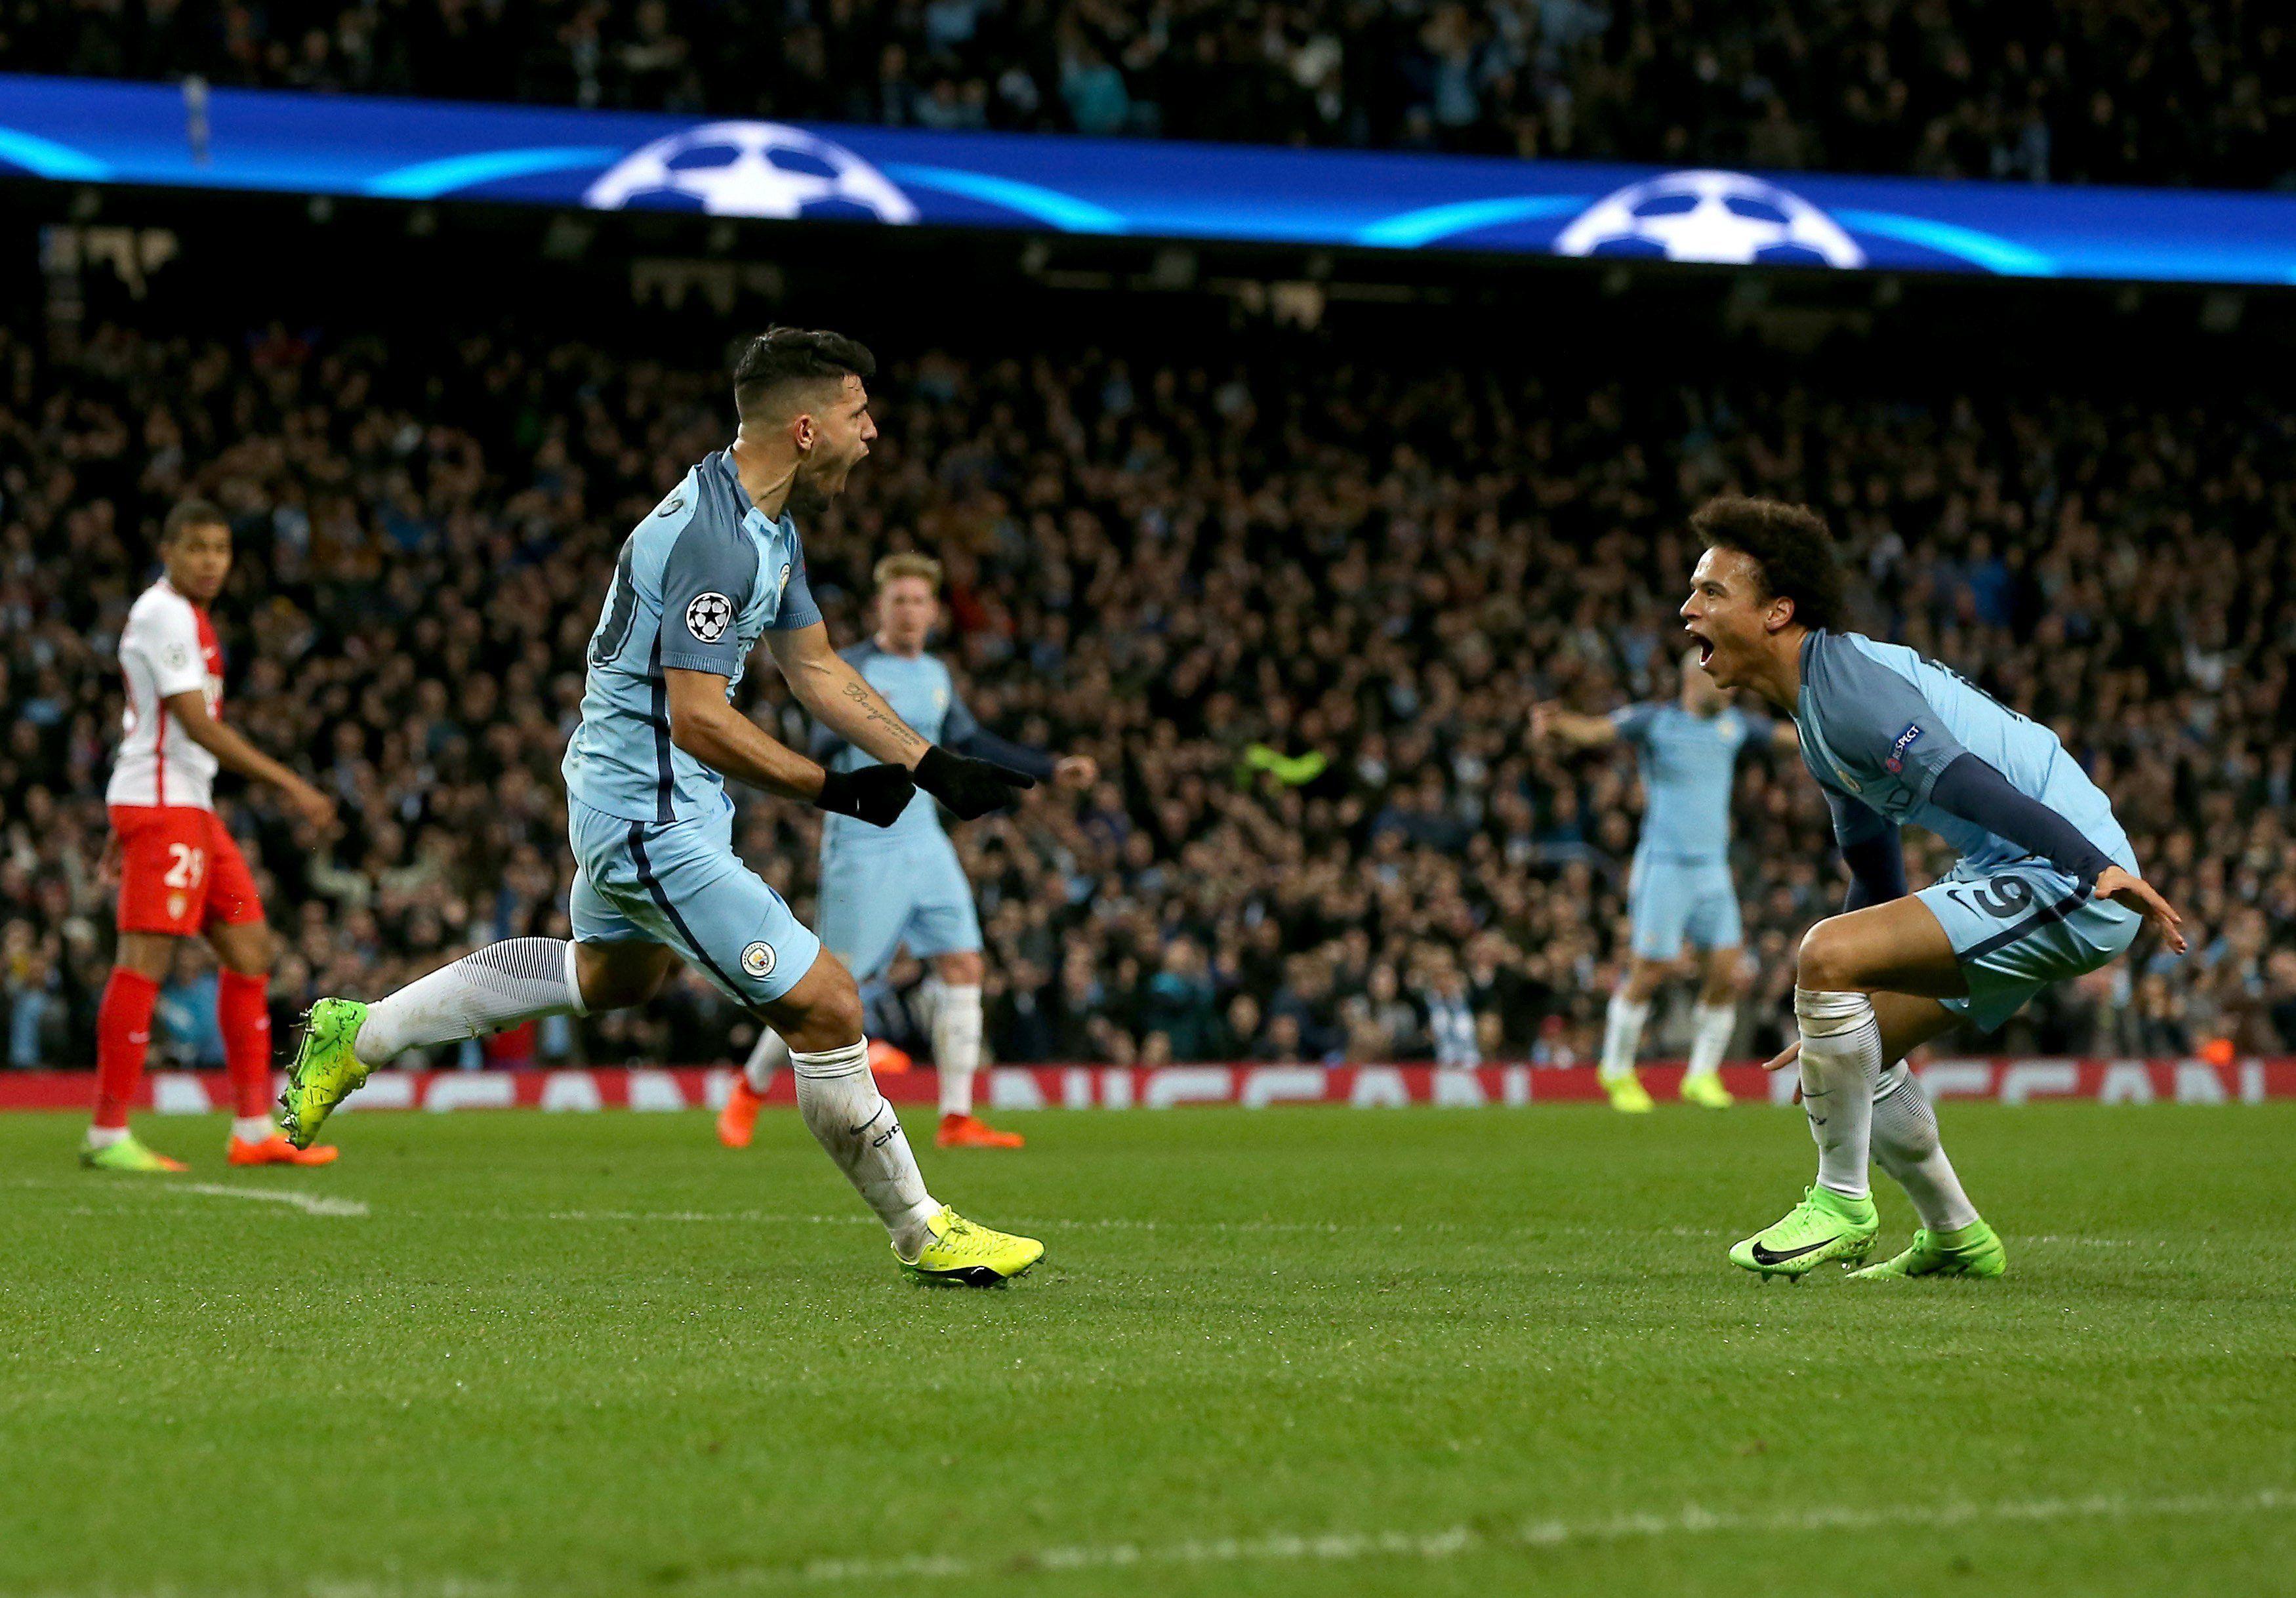 Con dos goles de Agüero, el City se lo dio vuelta al Mónaco en un partido electrizante